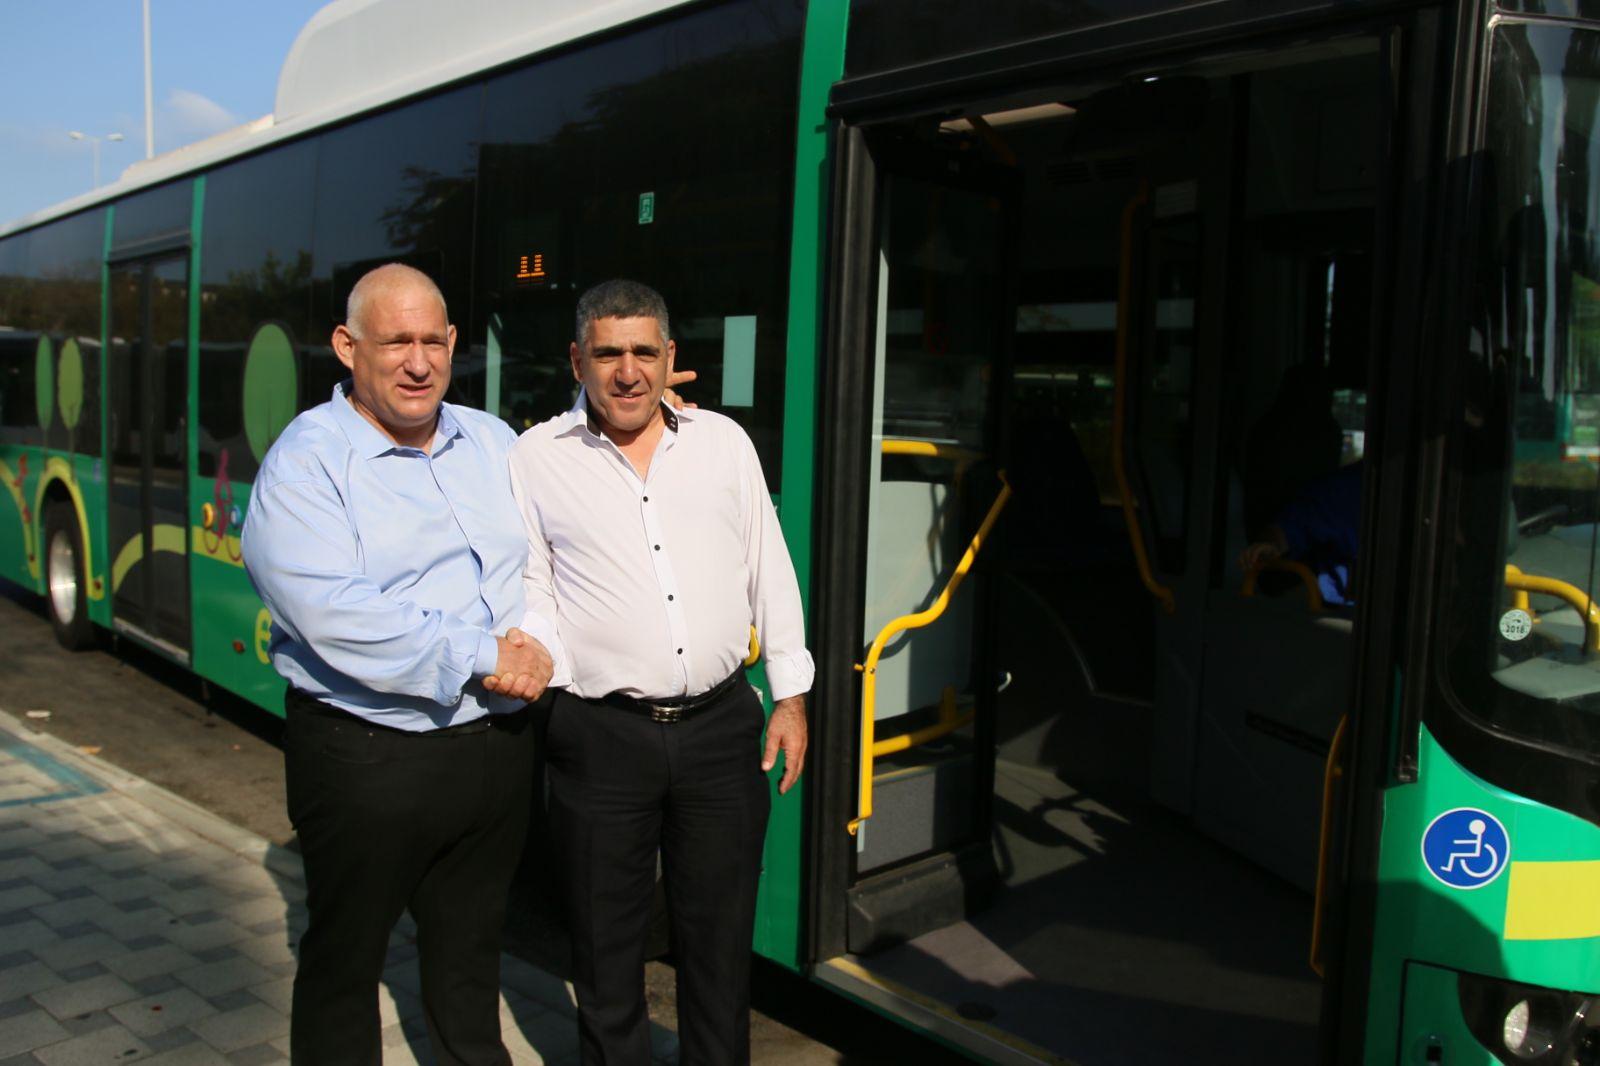 יוצאים לדרך: אוטובוסים חשמליים בחיפה – חונכים את הנסיעה הראשונה!